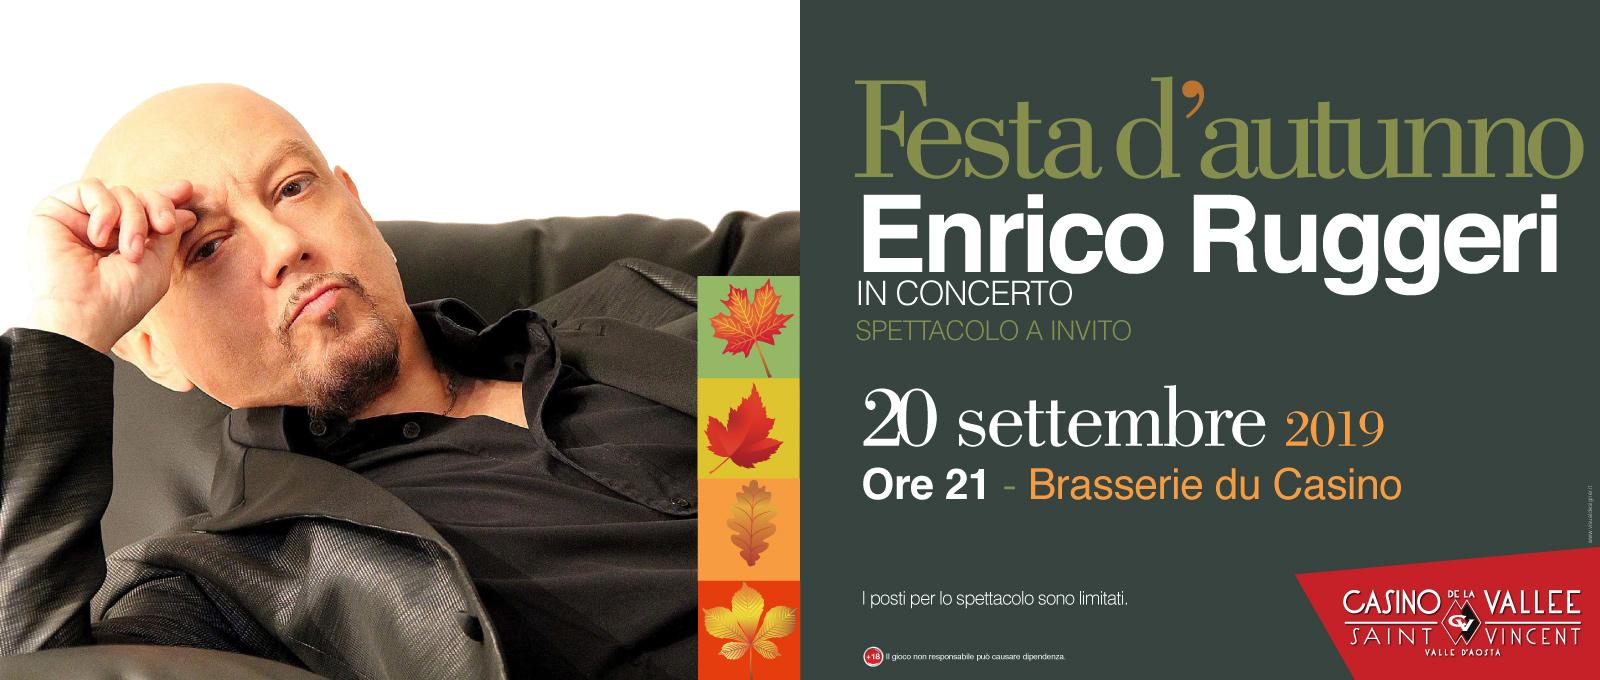 FESTA D'AUTUNNO – ENRICO RUGGERI